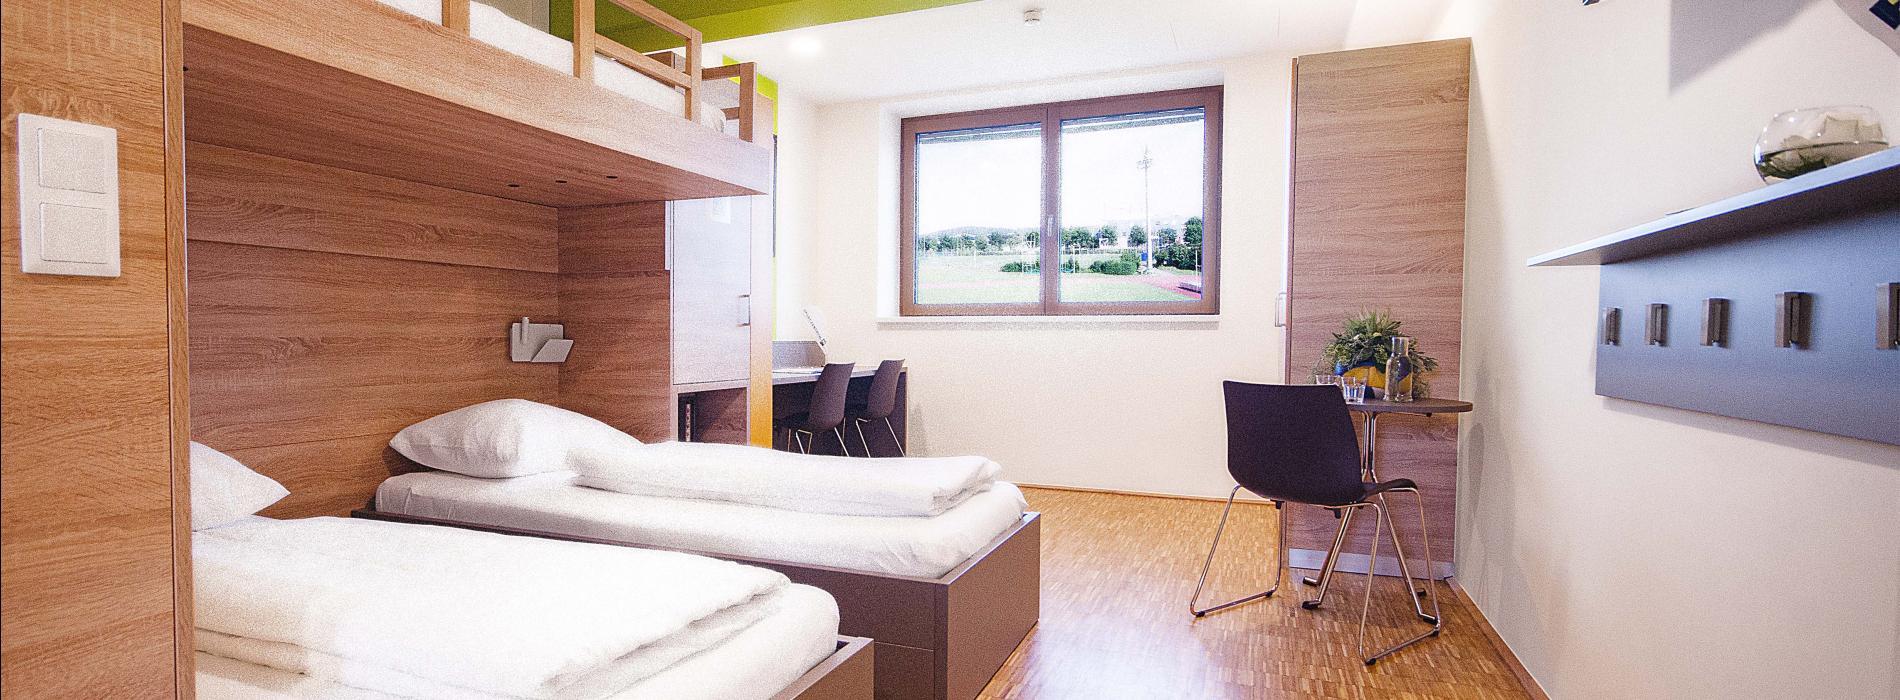 Zimmerausstattung & Preise